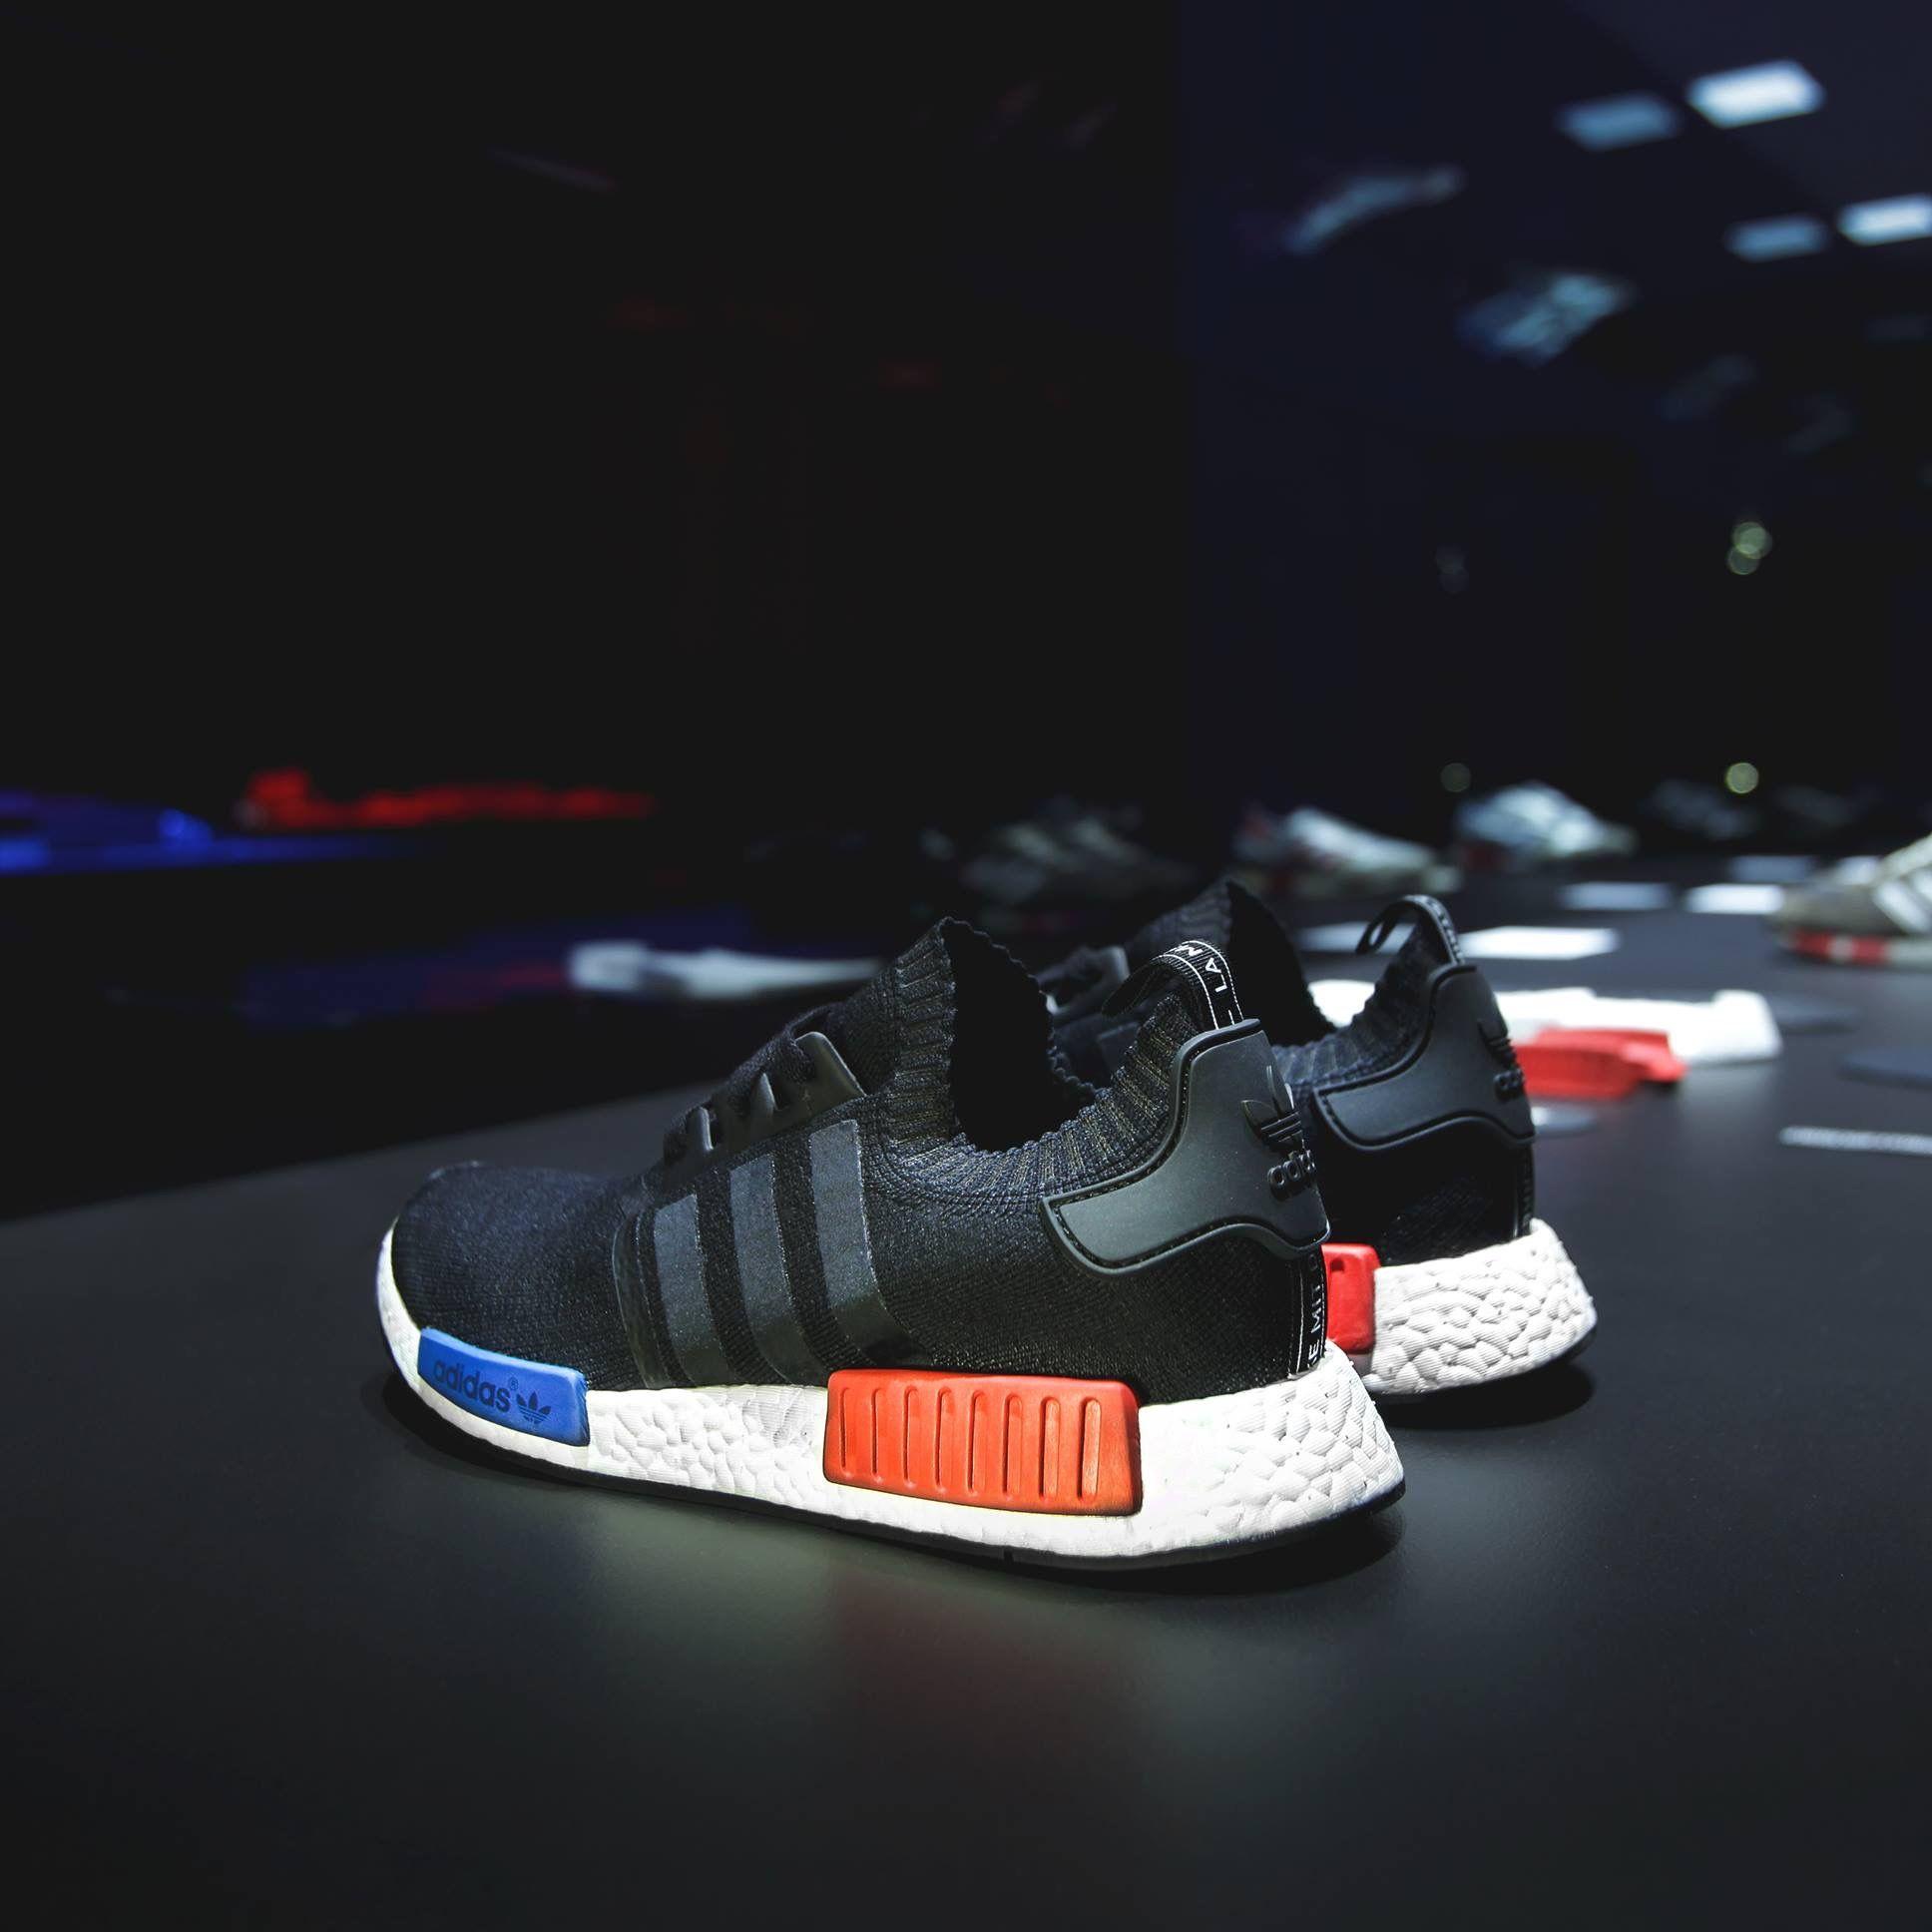 298836f3d369 adidas Originals  MND